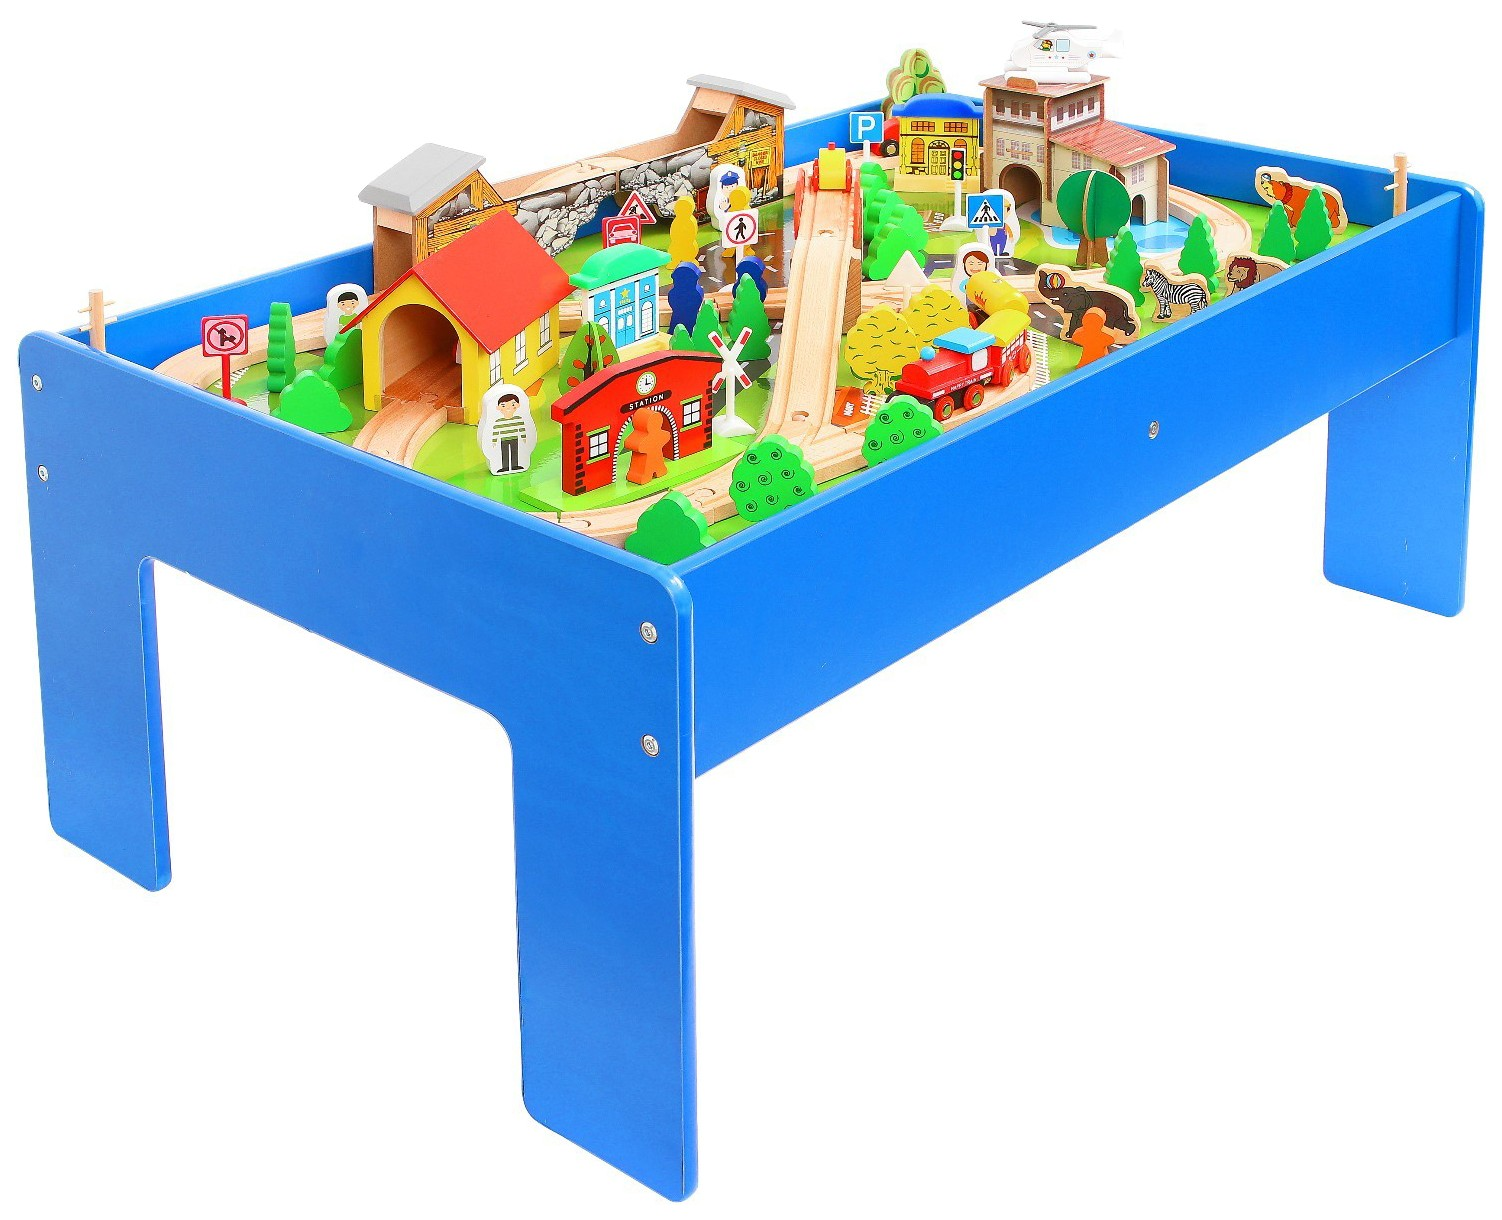 Купить Железная дорога Sima-land 108 элементов, Детские железные дороги